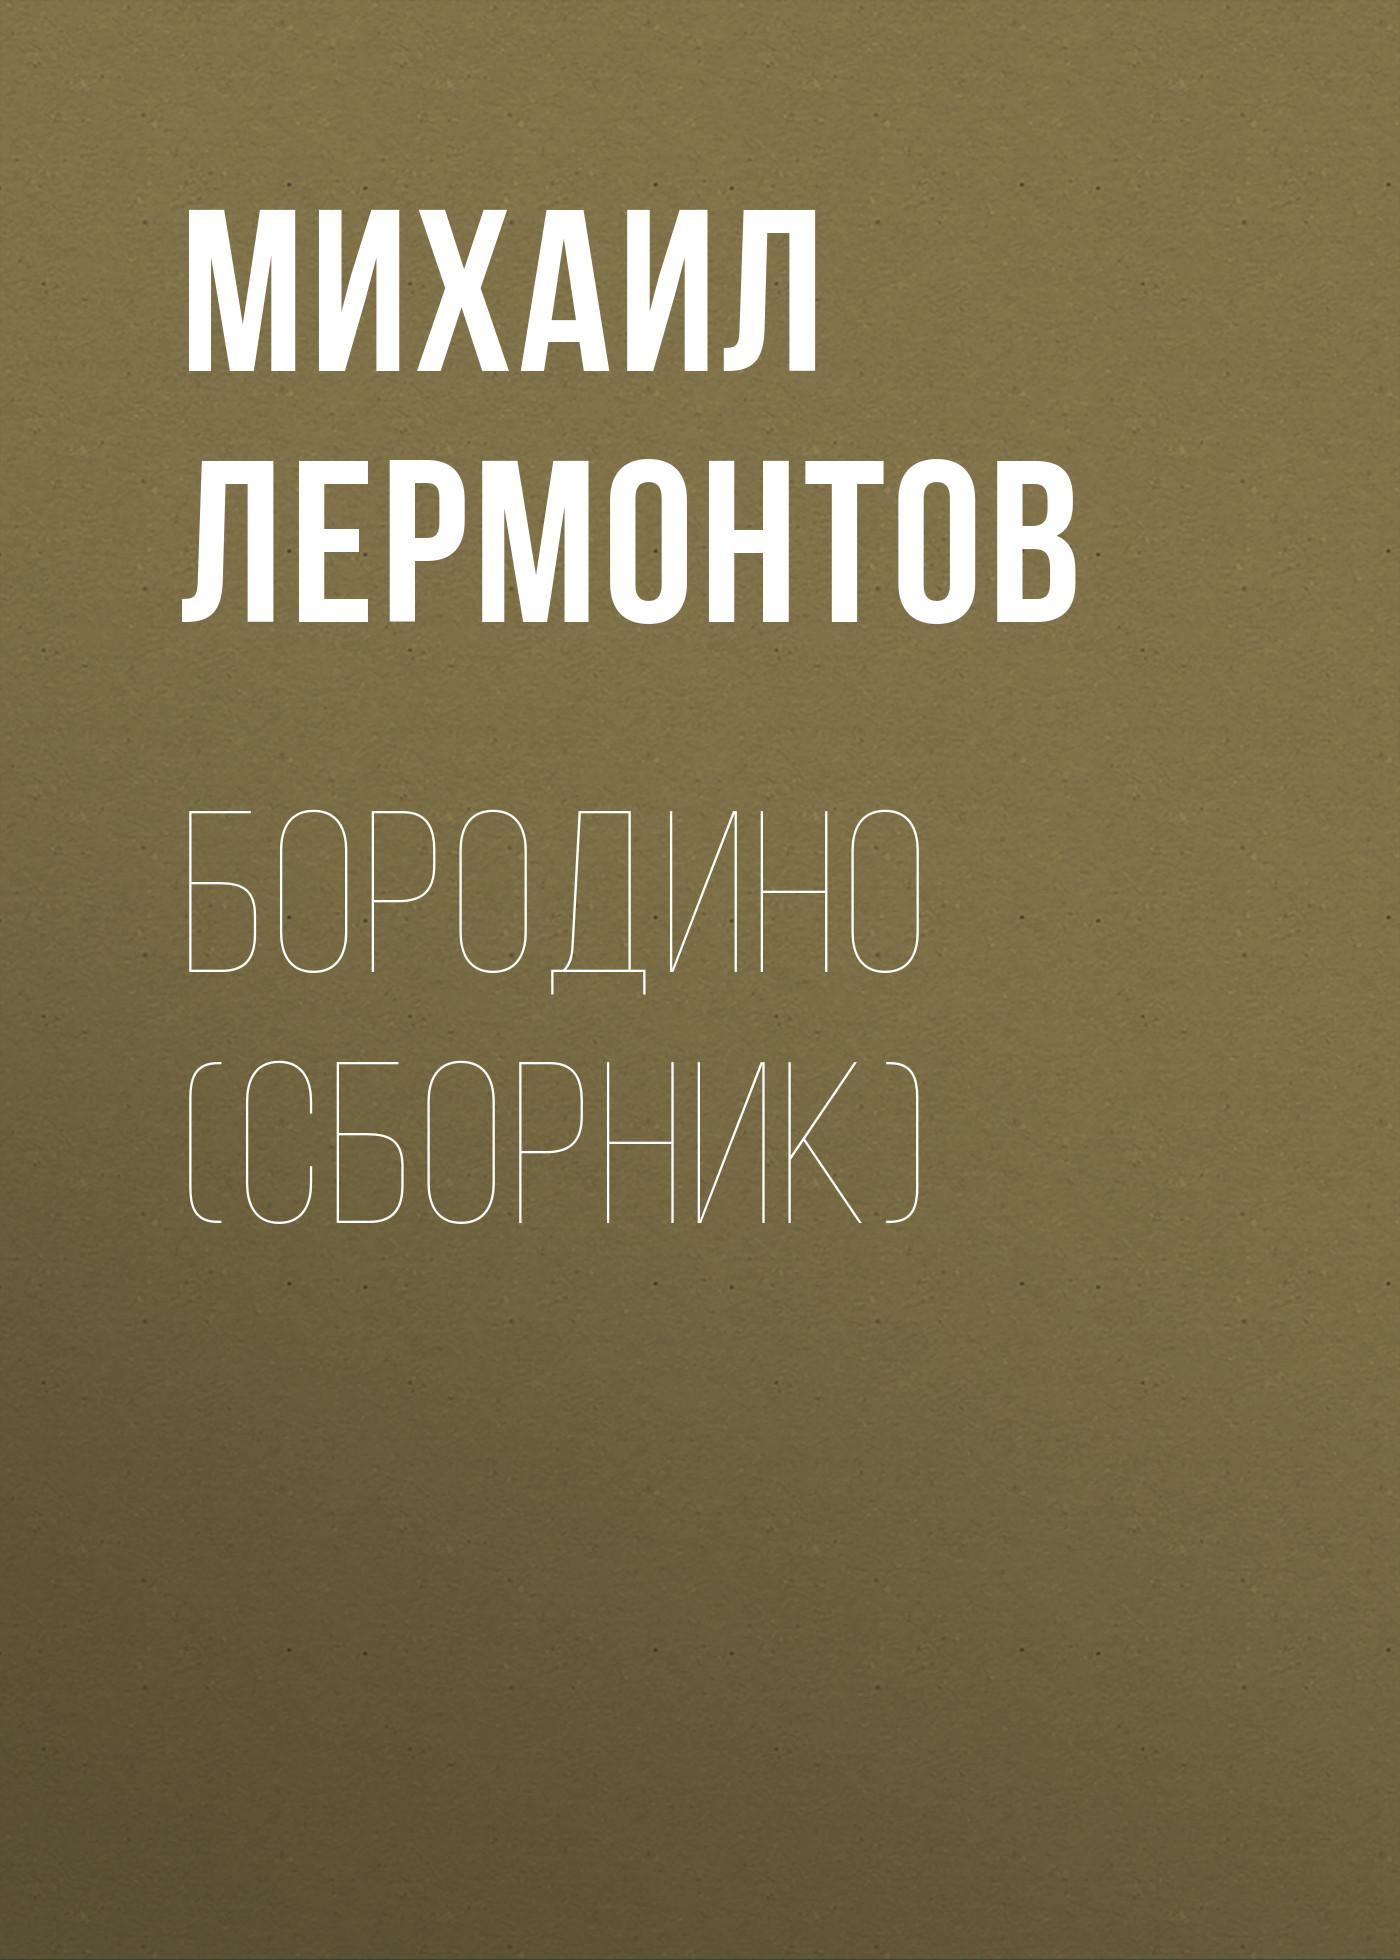 Купить книгу Бородино (сборник), автора Михаила Лермонтова